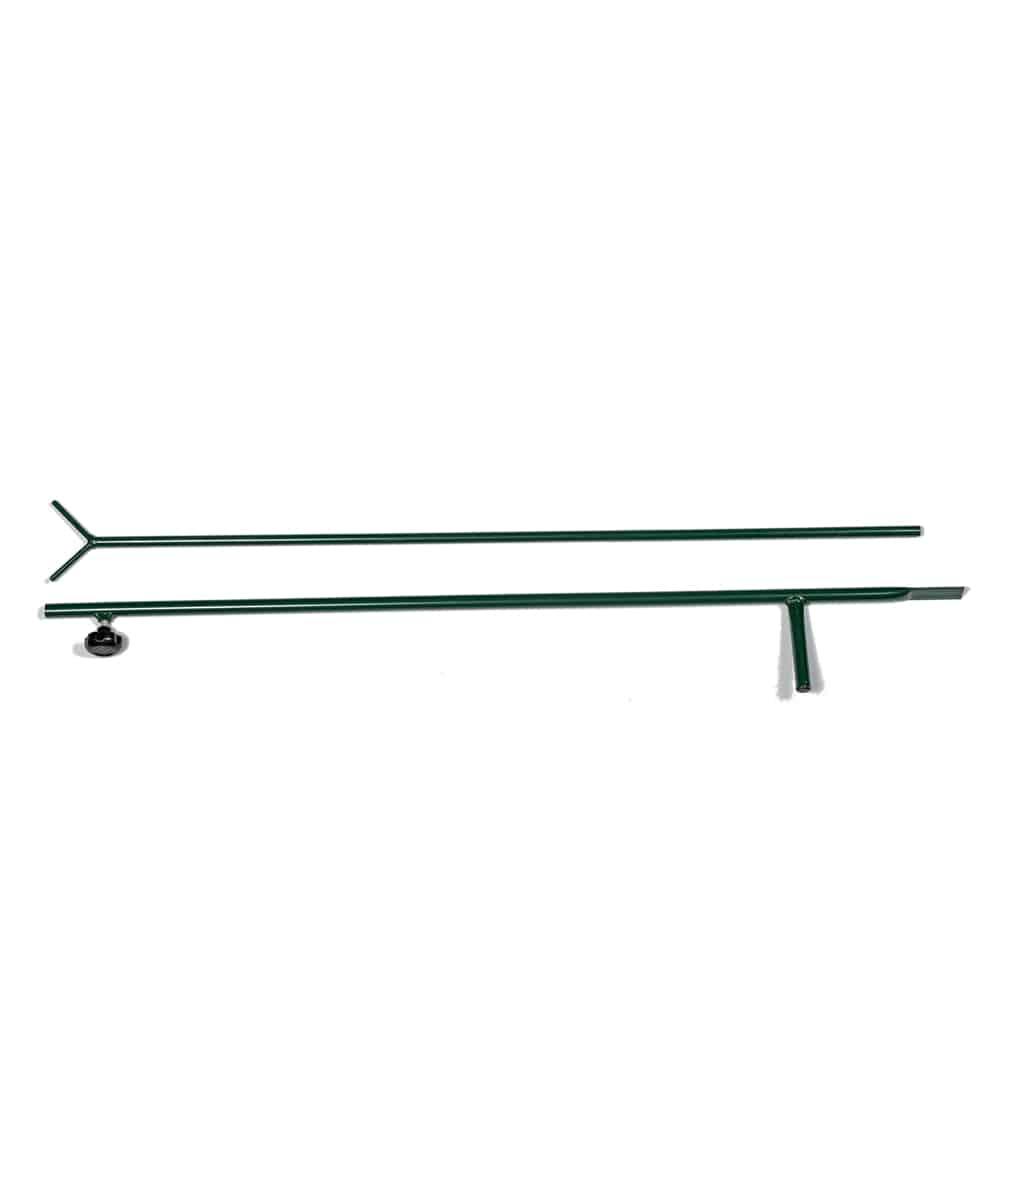 Verstelbare-poten-staal-90-180-cm-(2)